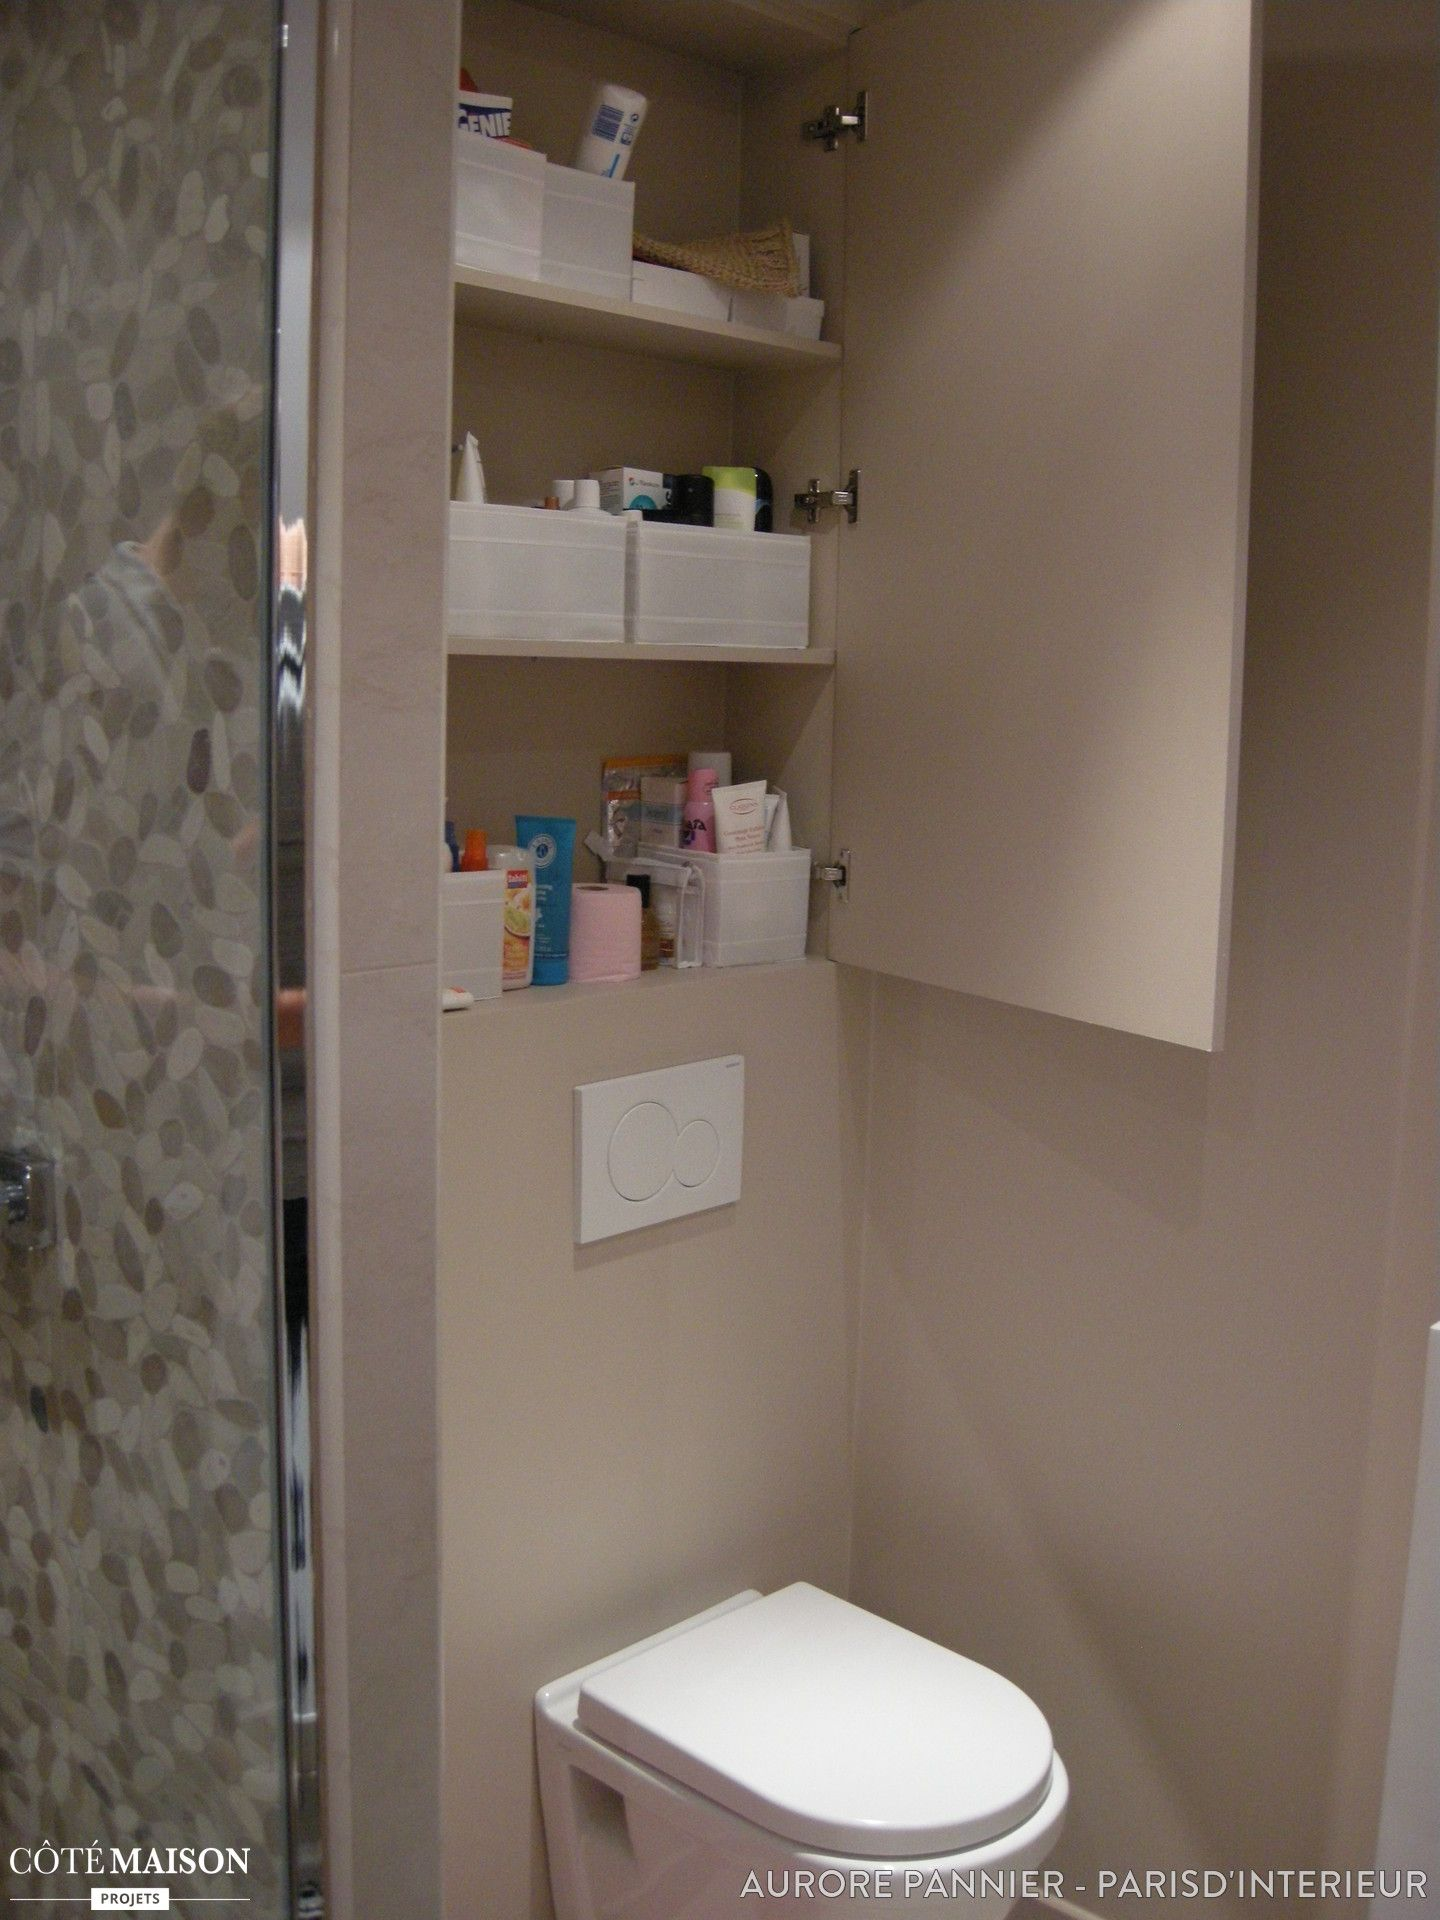 Une salle de bain r nover compl tement avec douche fa on italienne double vasque tons - Douche double italienne ...